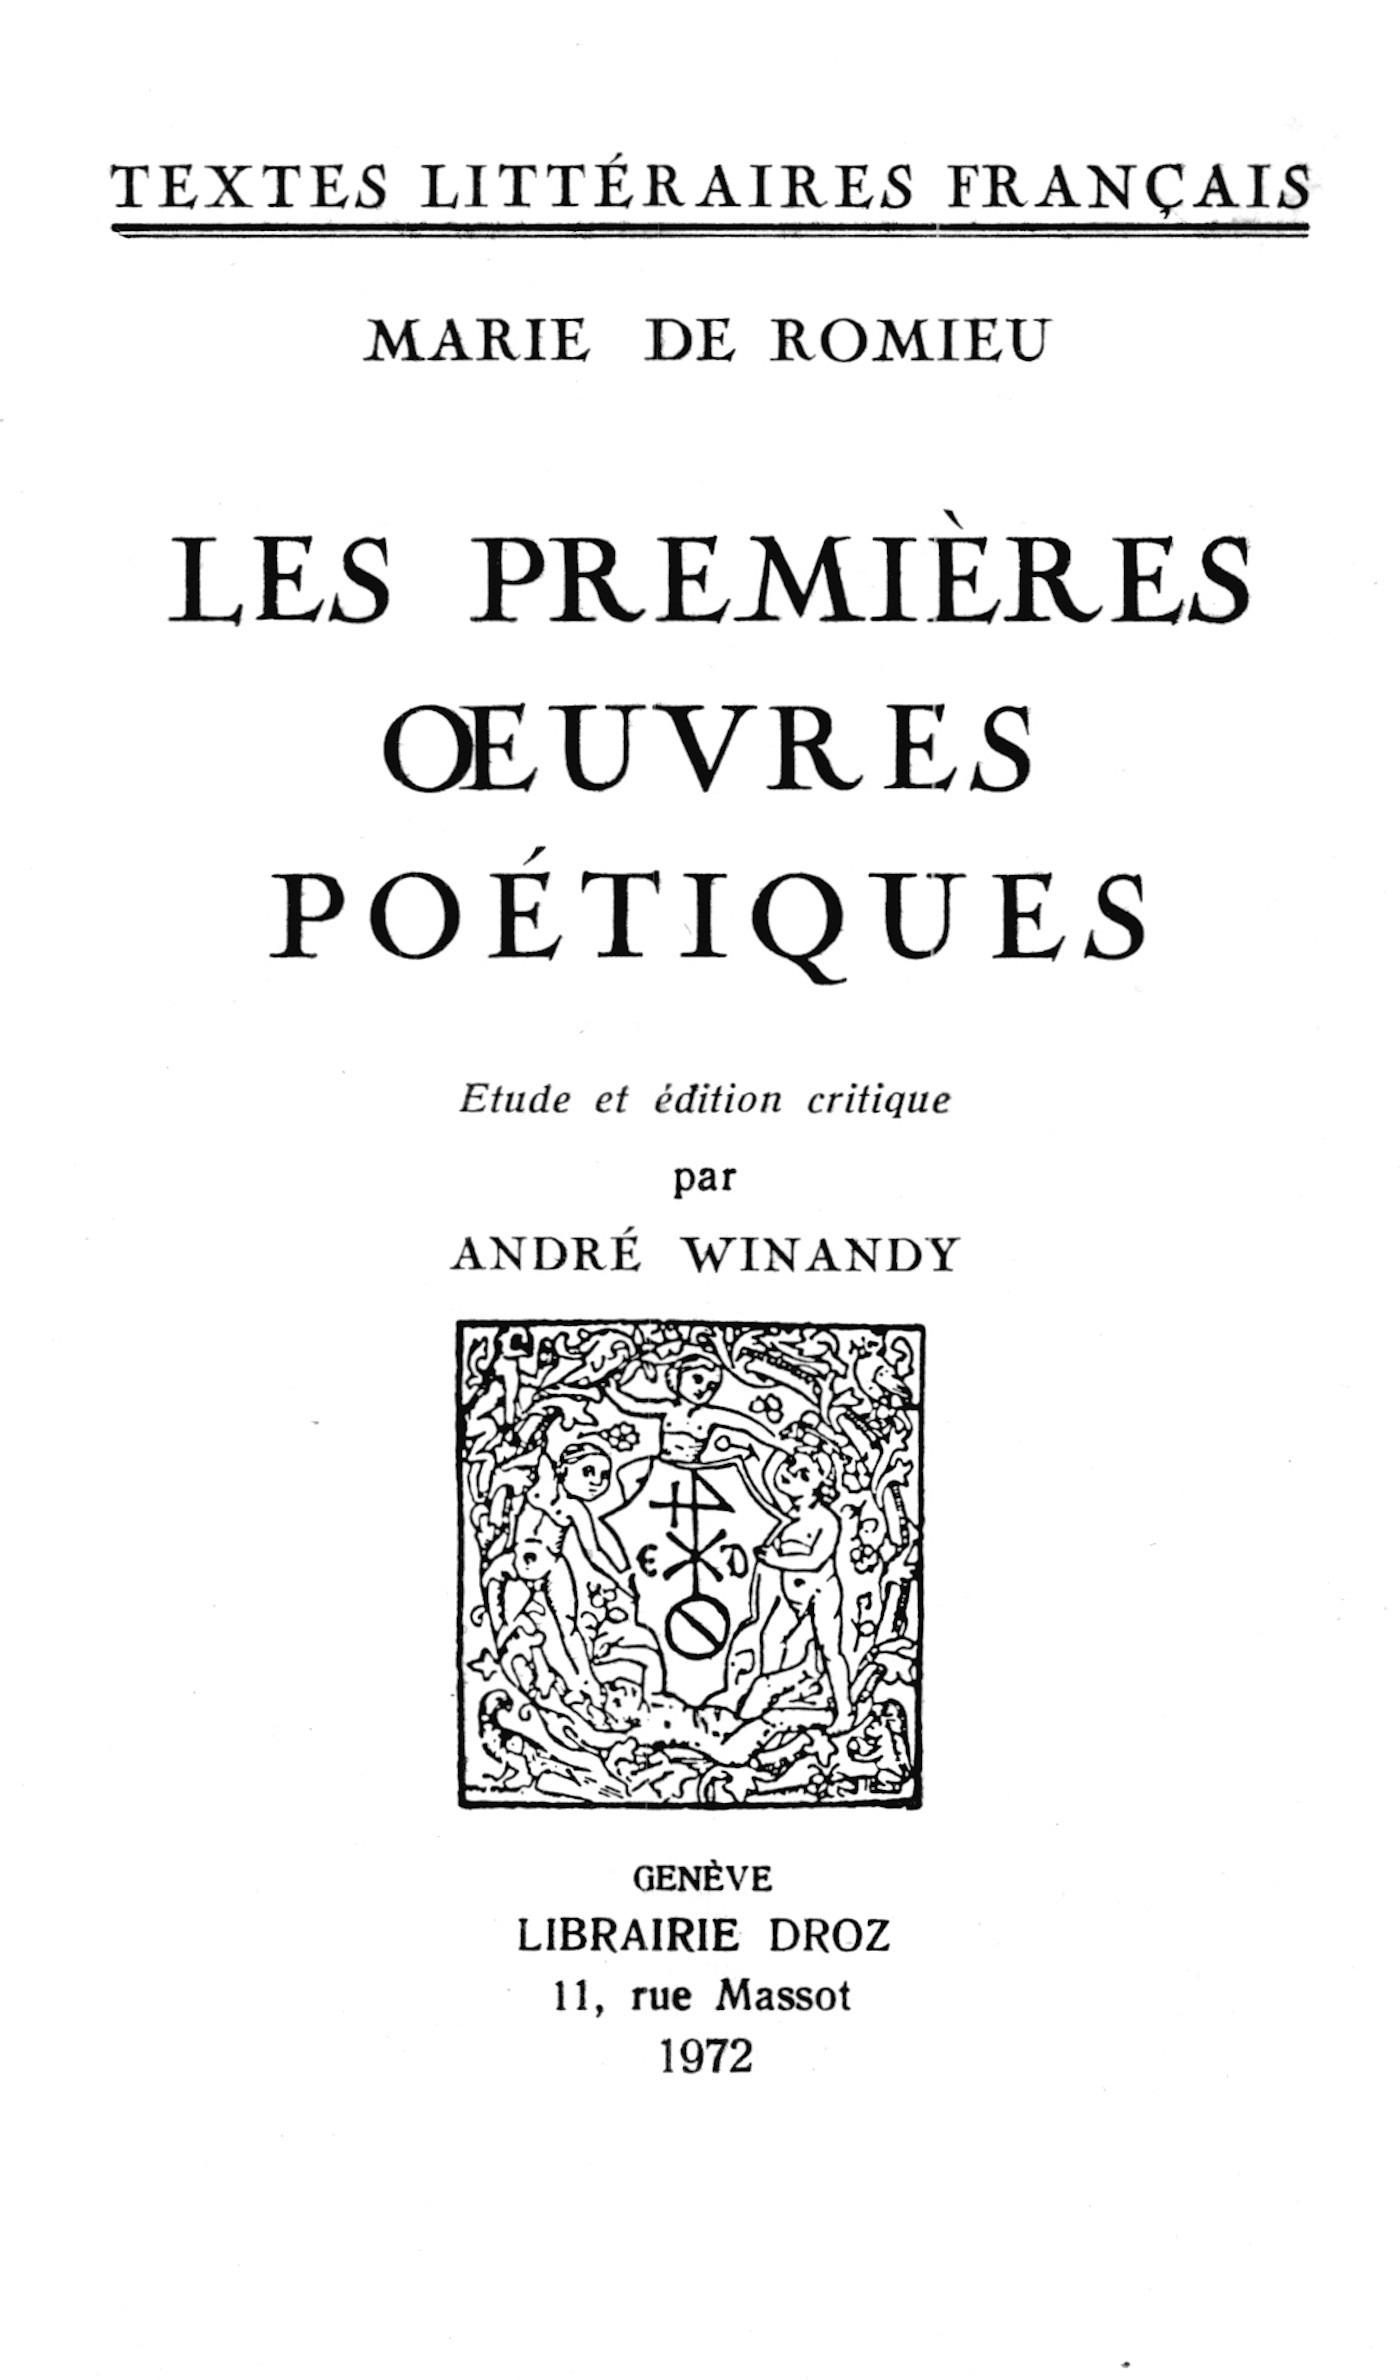 Les premieres oeuvres poetiques